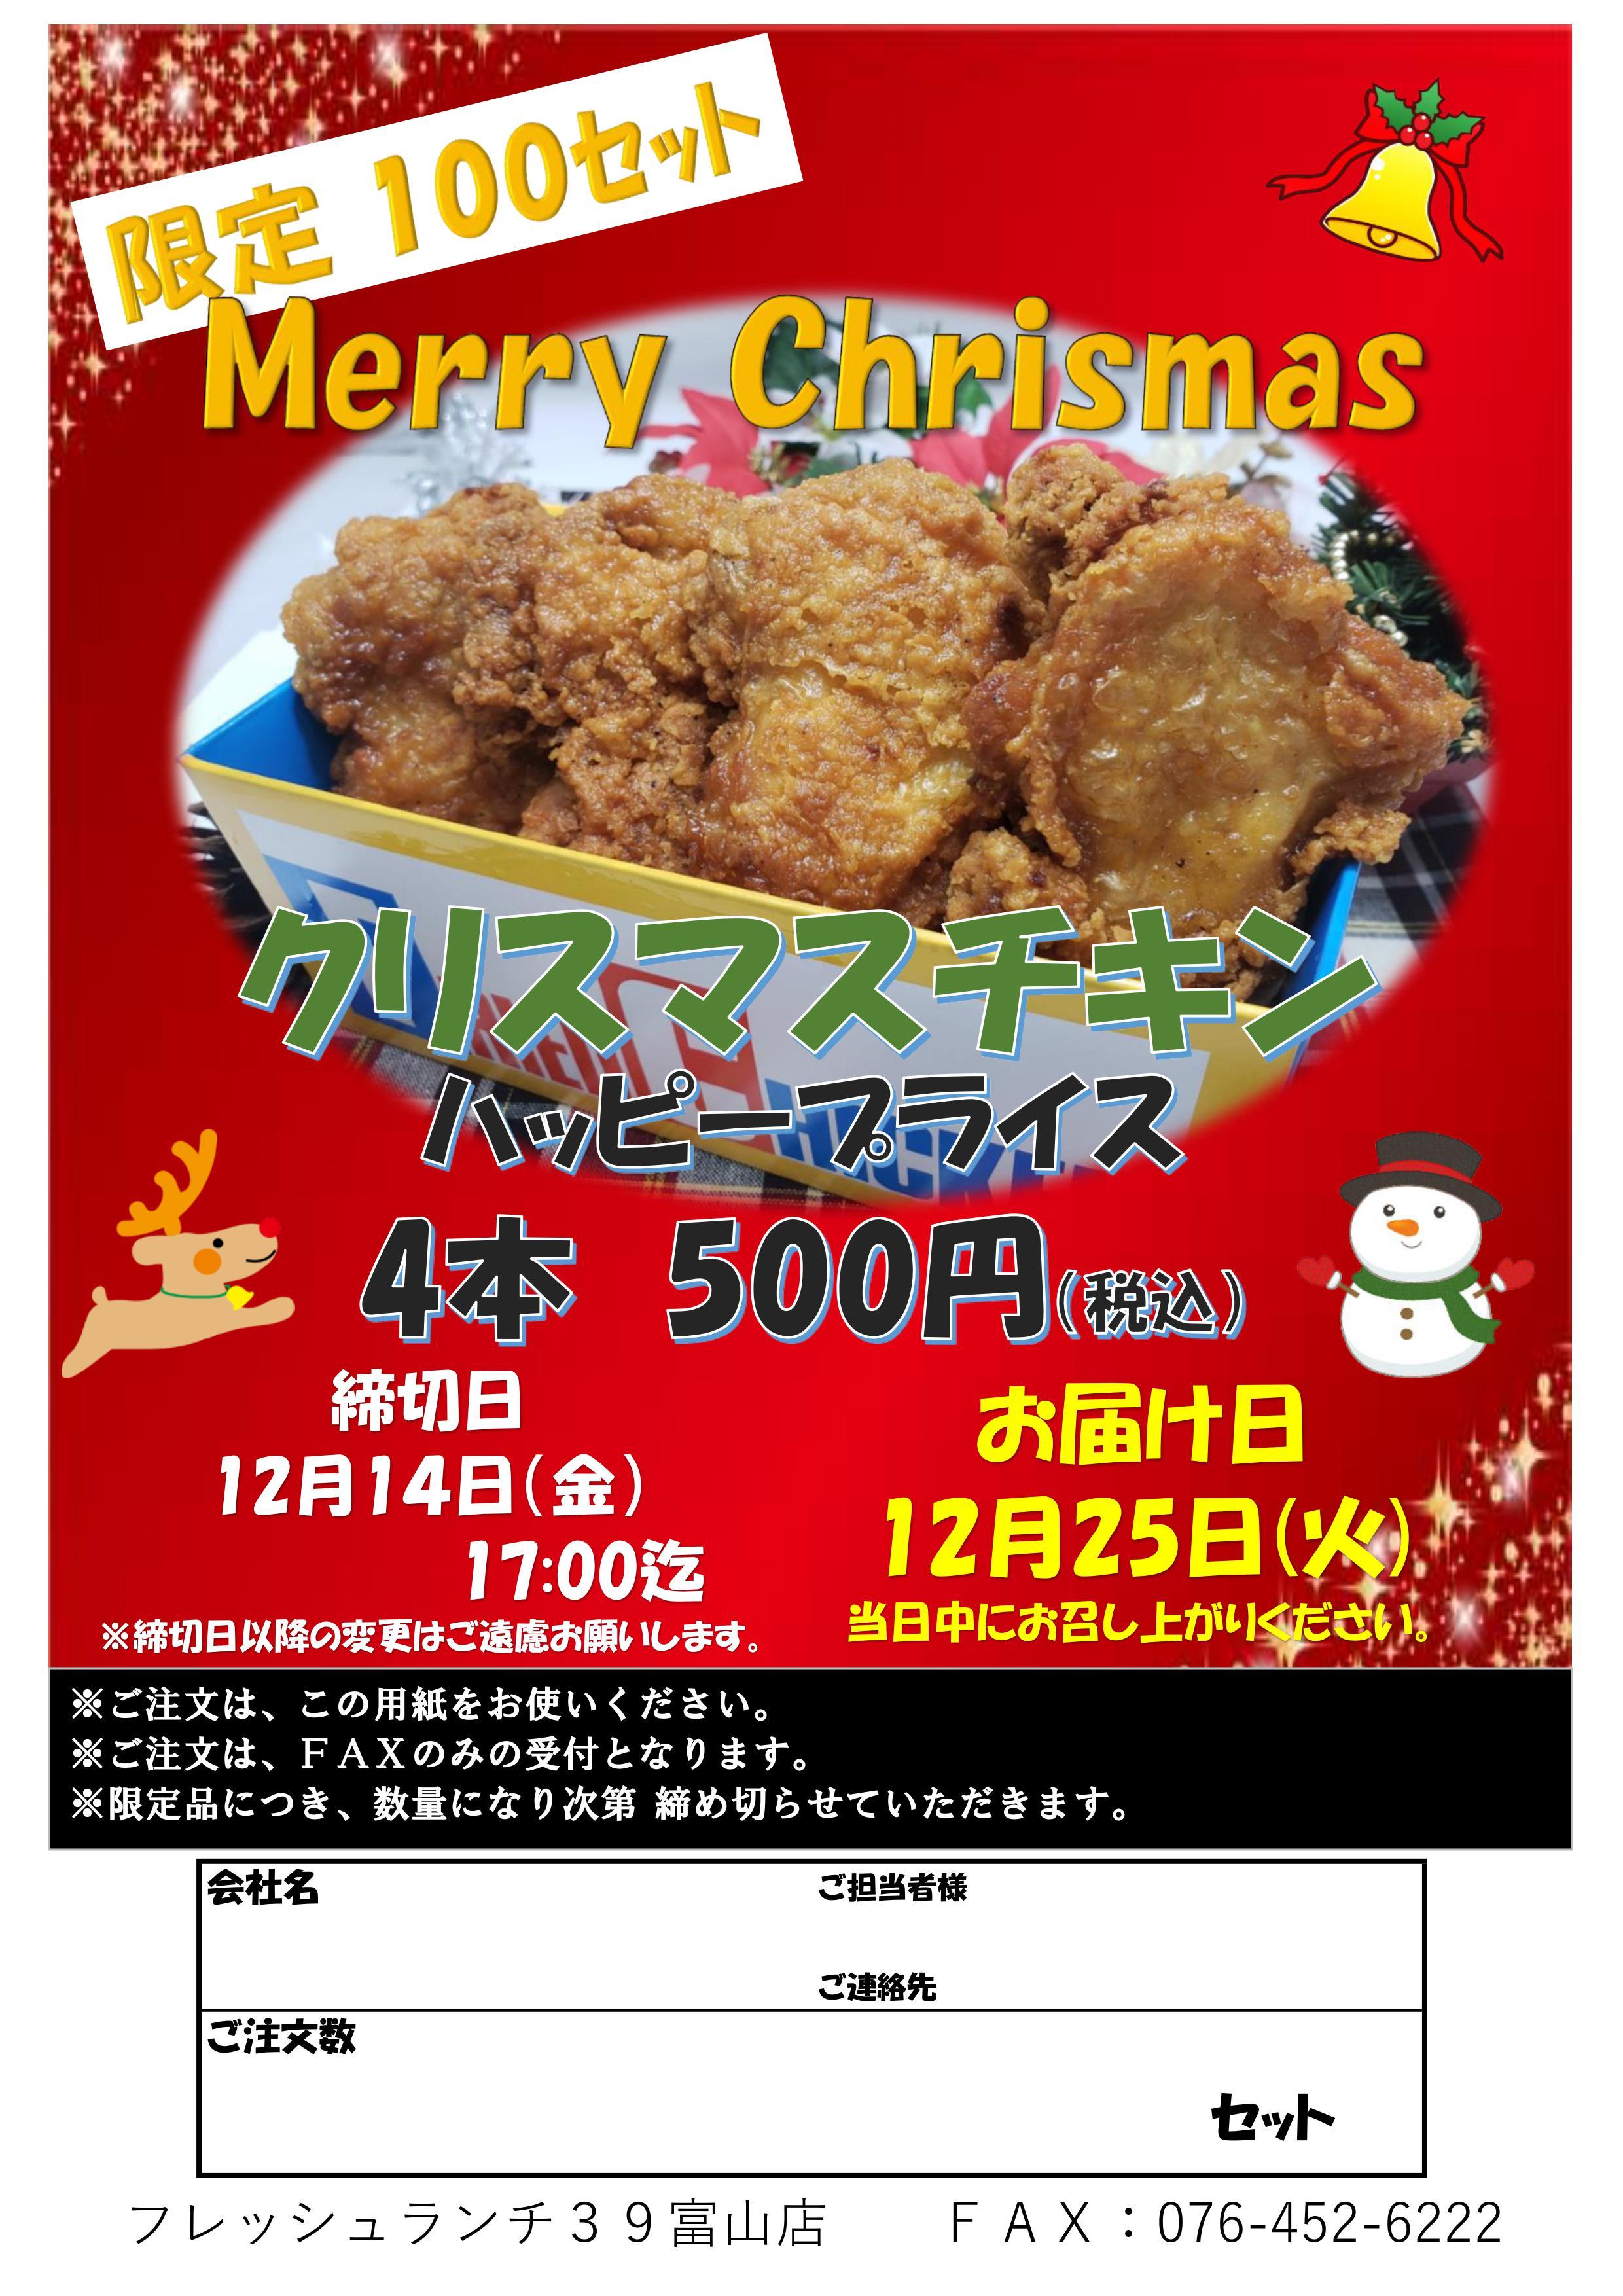 フレッシュランチ39富山店がお届けする『クリスマスチキン』🐓